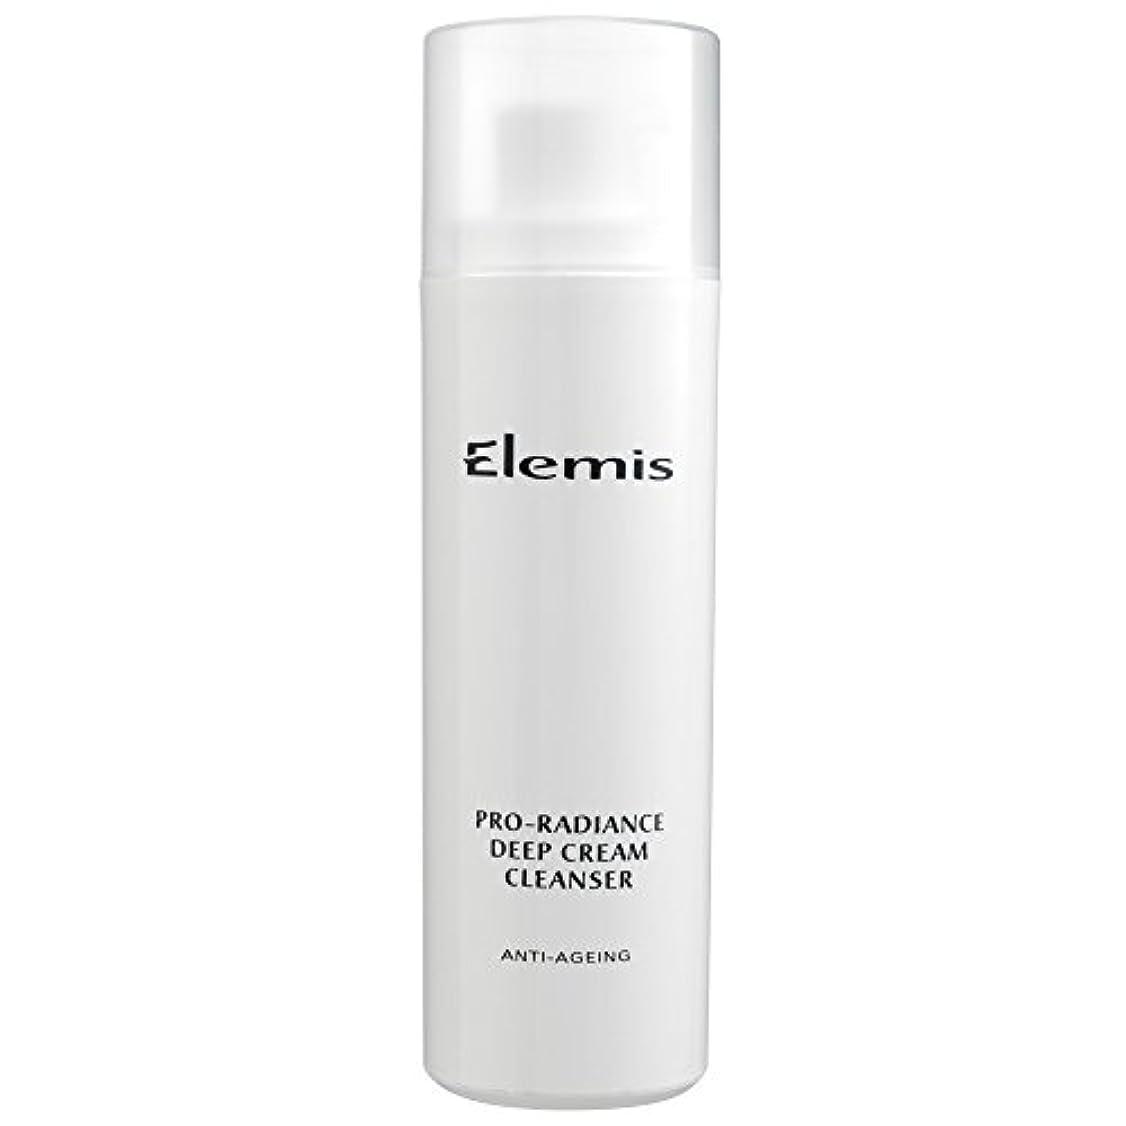 プログレッシブ手順原点エレミスプロ輝きクリームクレンザー、150ミリリットル (Elemis) (x6) - Elemis Pro-Radiance Cream Cleanser, 150ml (Pack of 6) [並行輸入品]